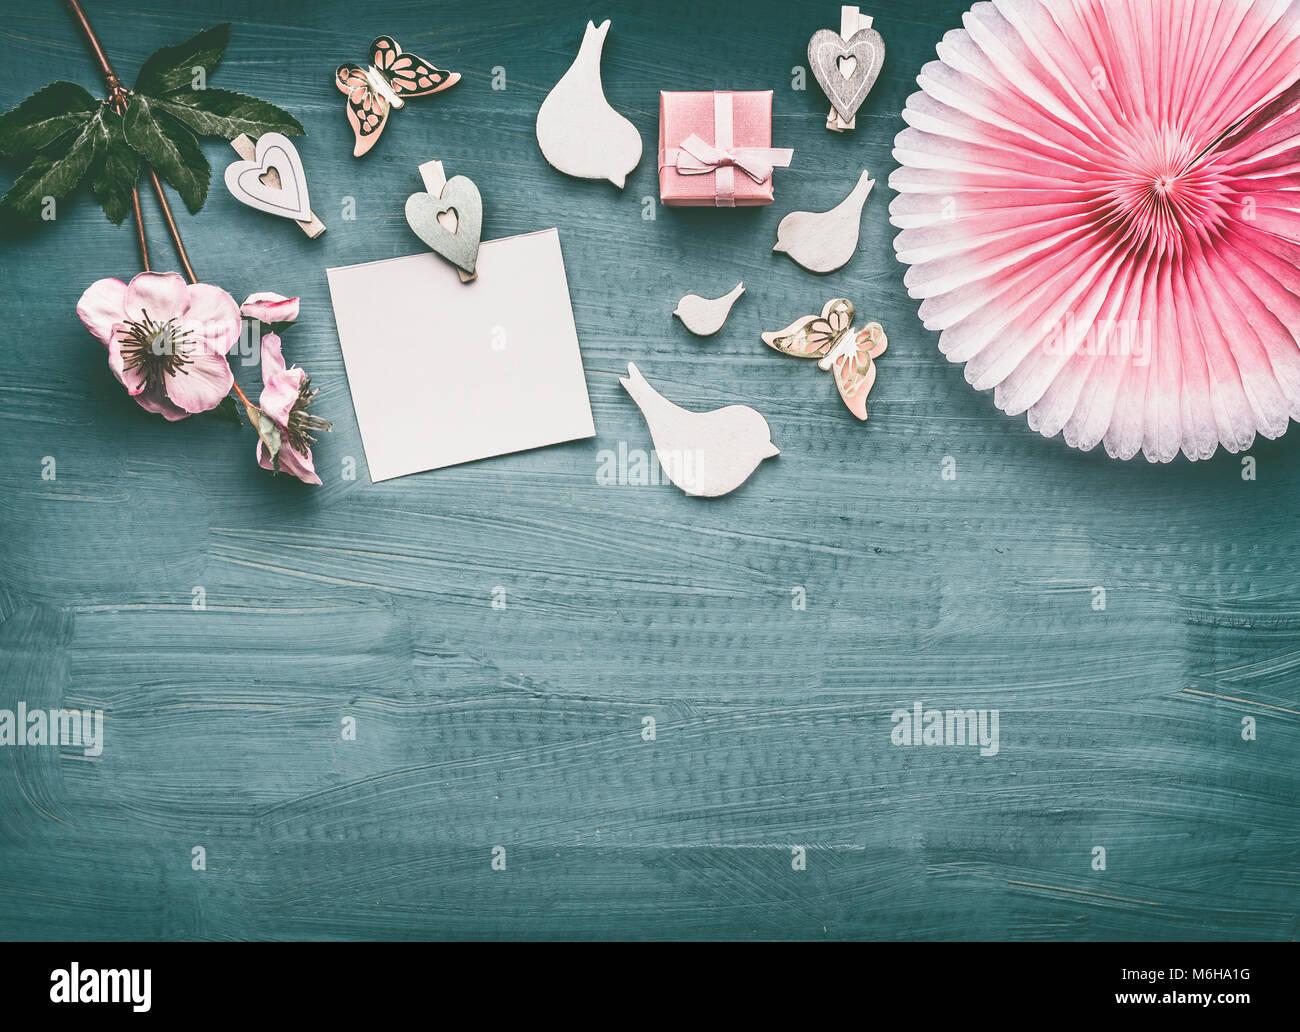 mise en page avec des fleurs  vacances oiseaux d u00e9coratifs  rose bo u00eete cadeau  papier vierge